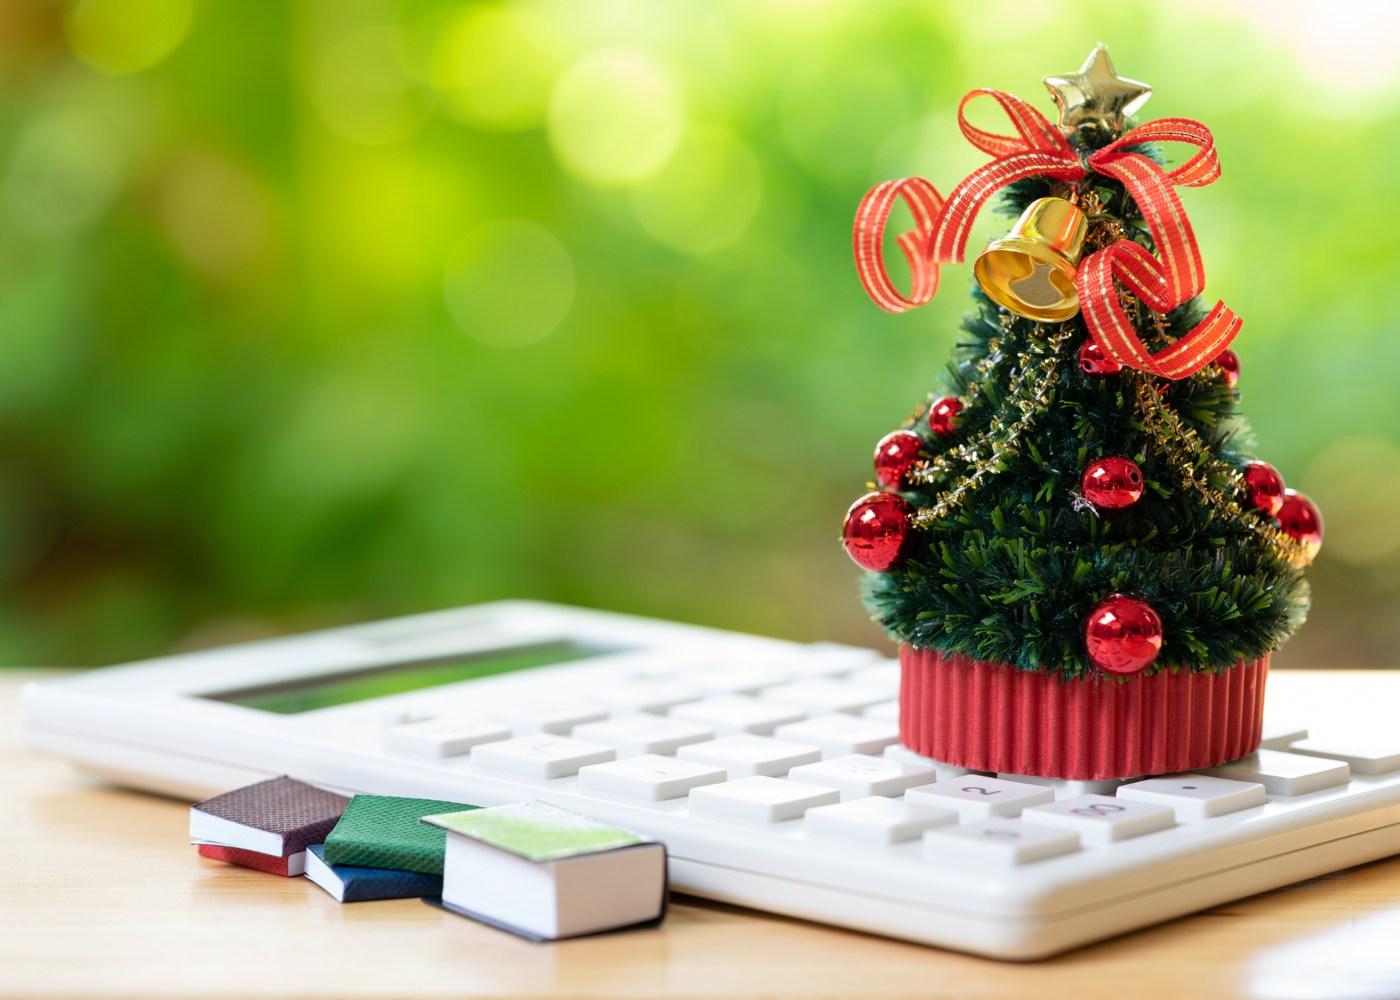 mini árvore de natal em cima de uma calculadora